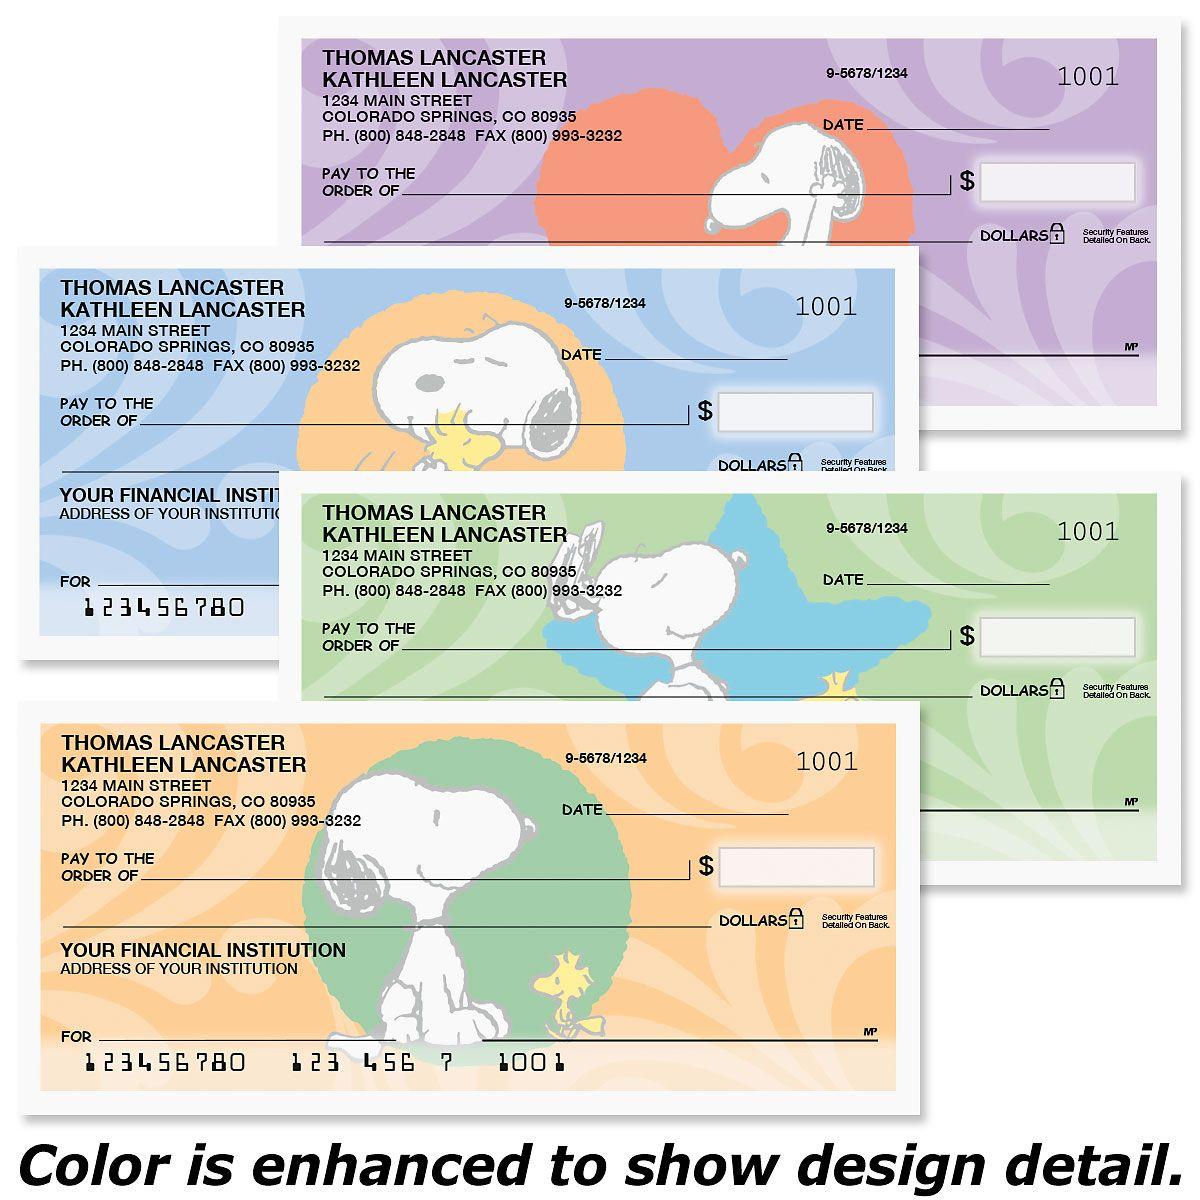 Snoopy™ & Woodstock Premium Checks